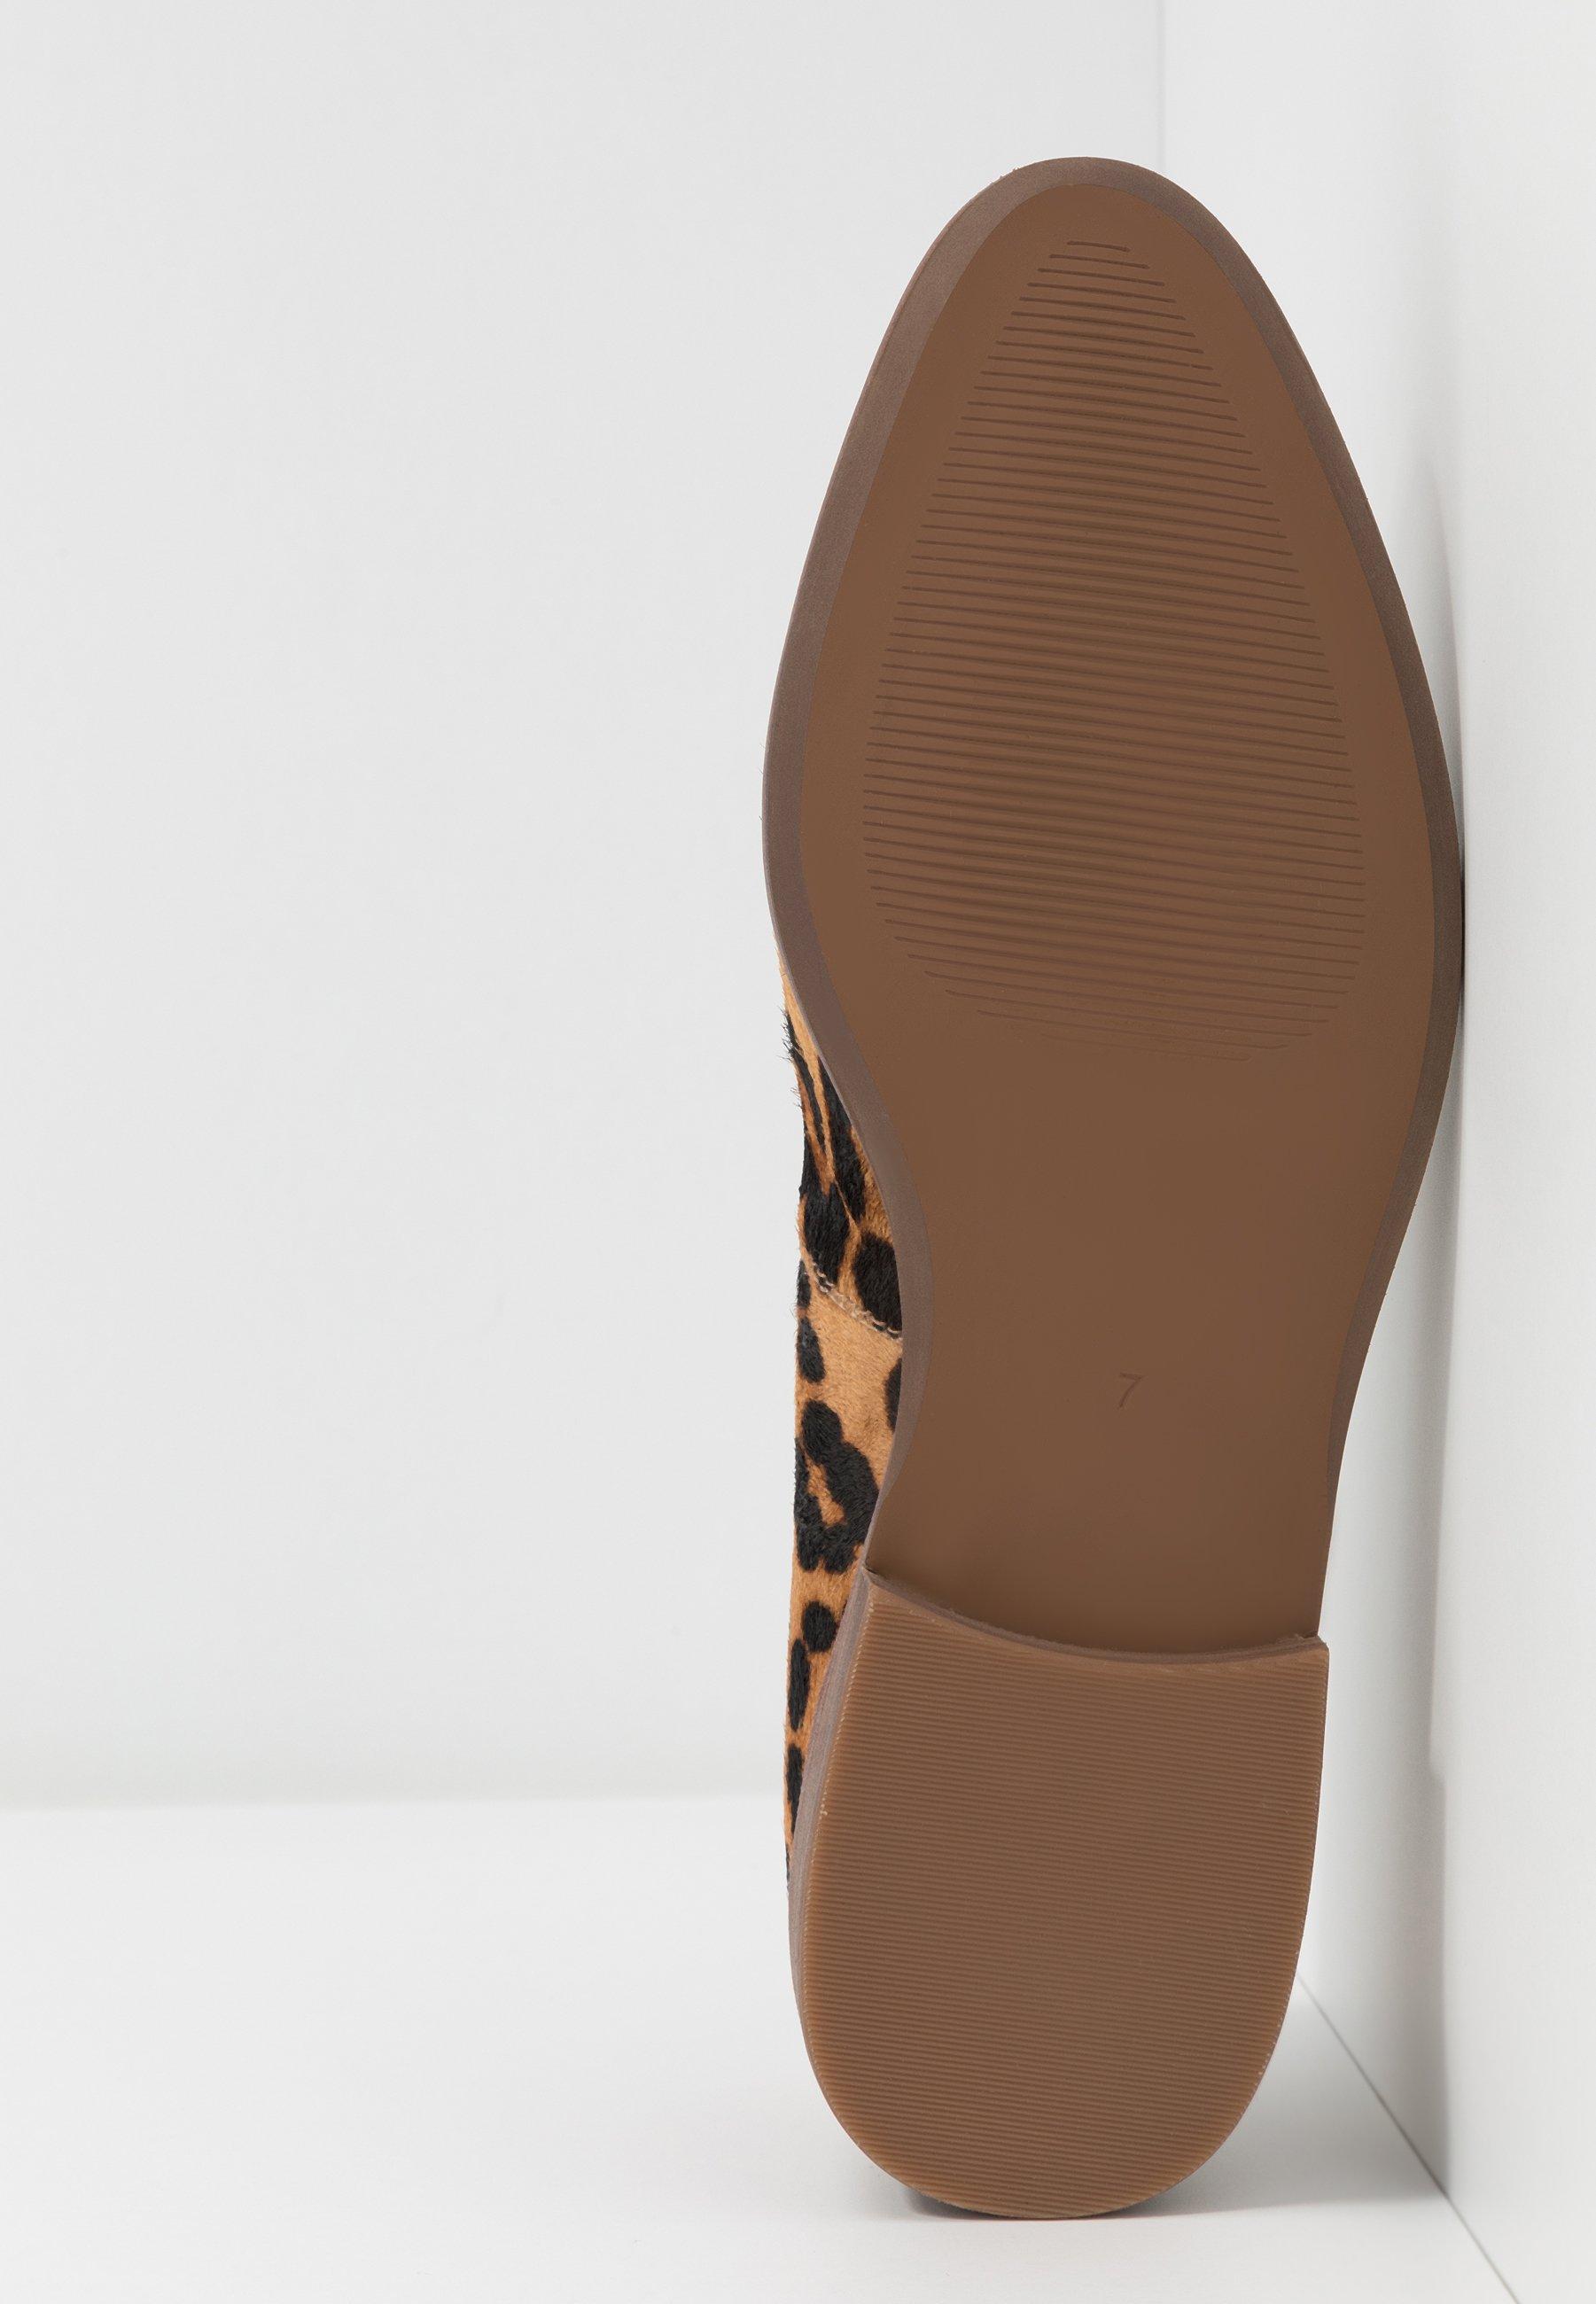 Donna FRANCES LOAFER - Scarpe senza lacci